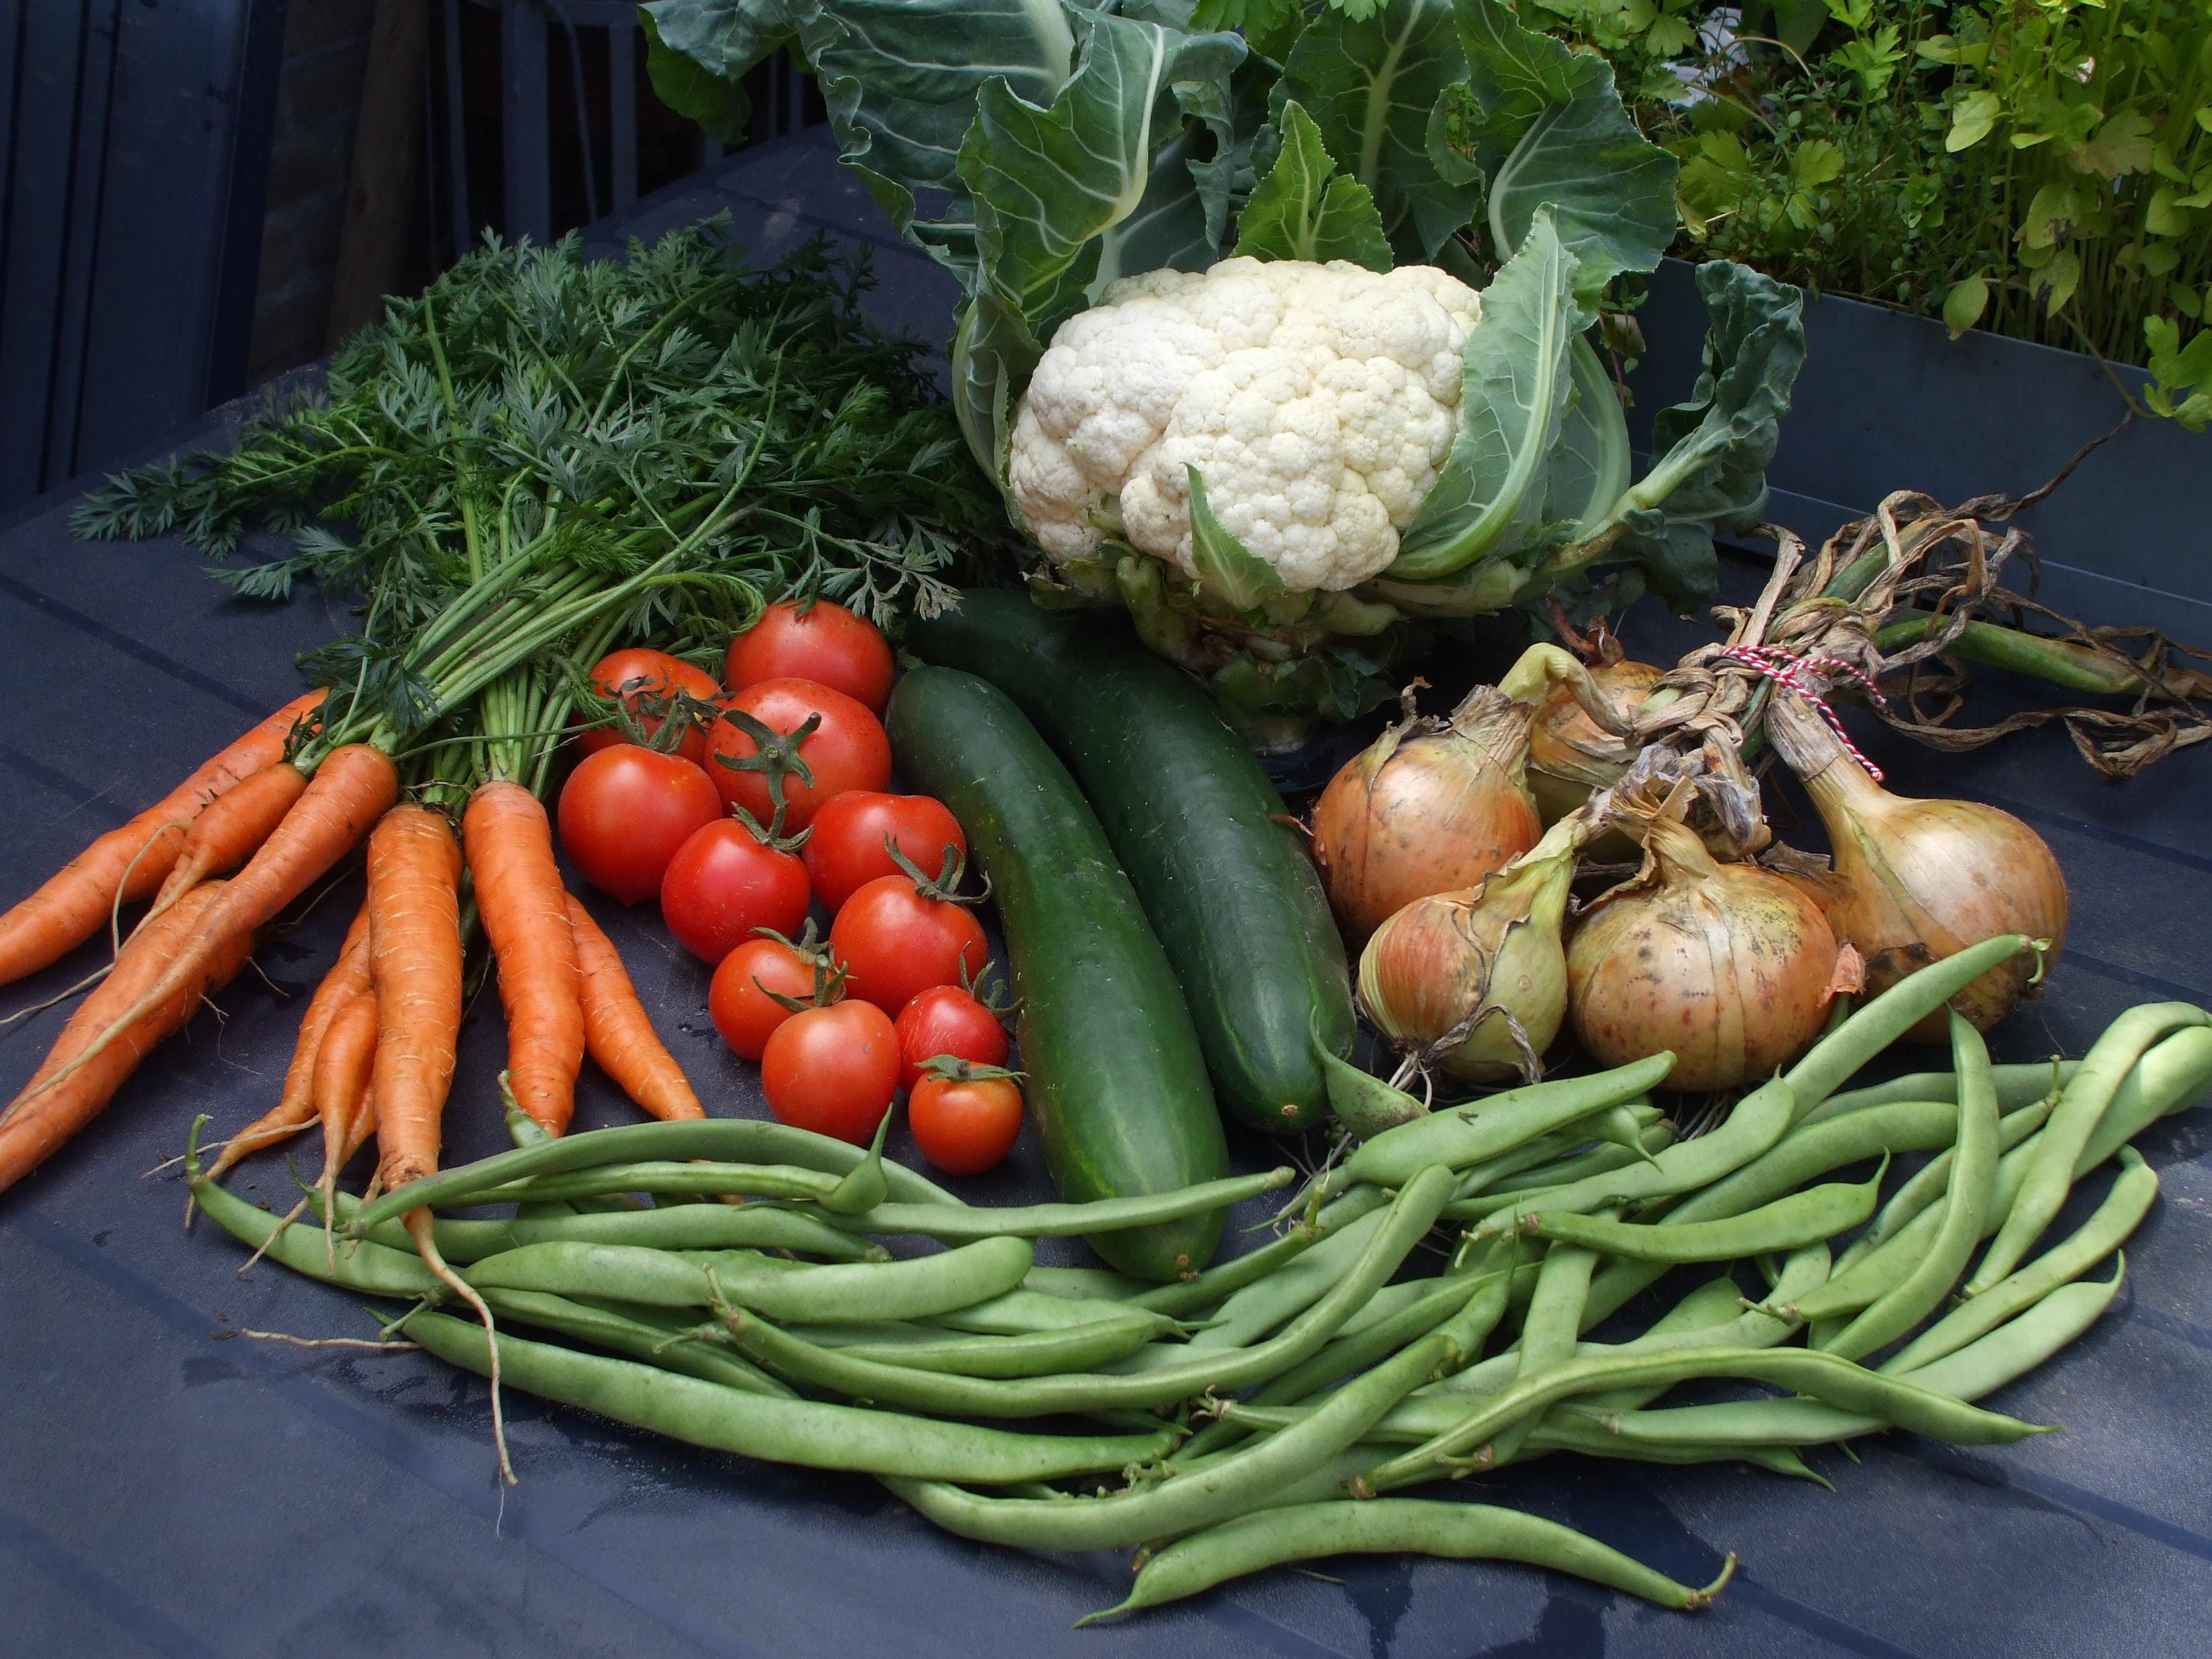 oogstfoto met wortels, tomaten, komkommer, bloemkool, uien en sperziebonen